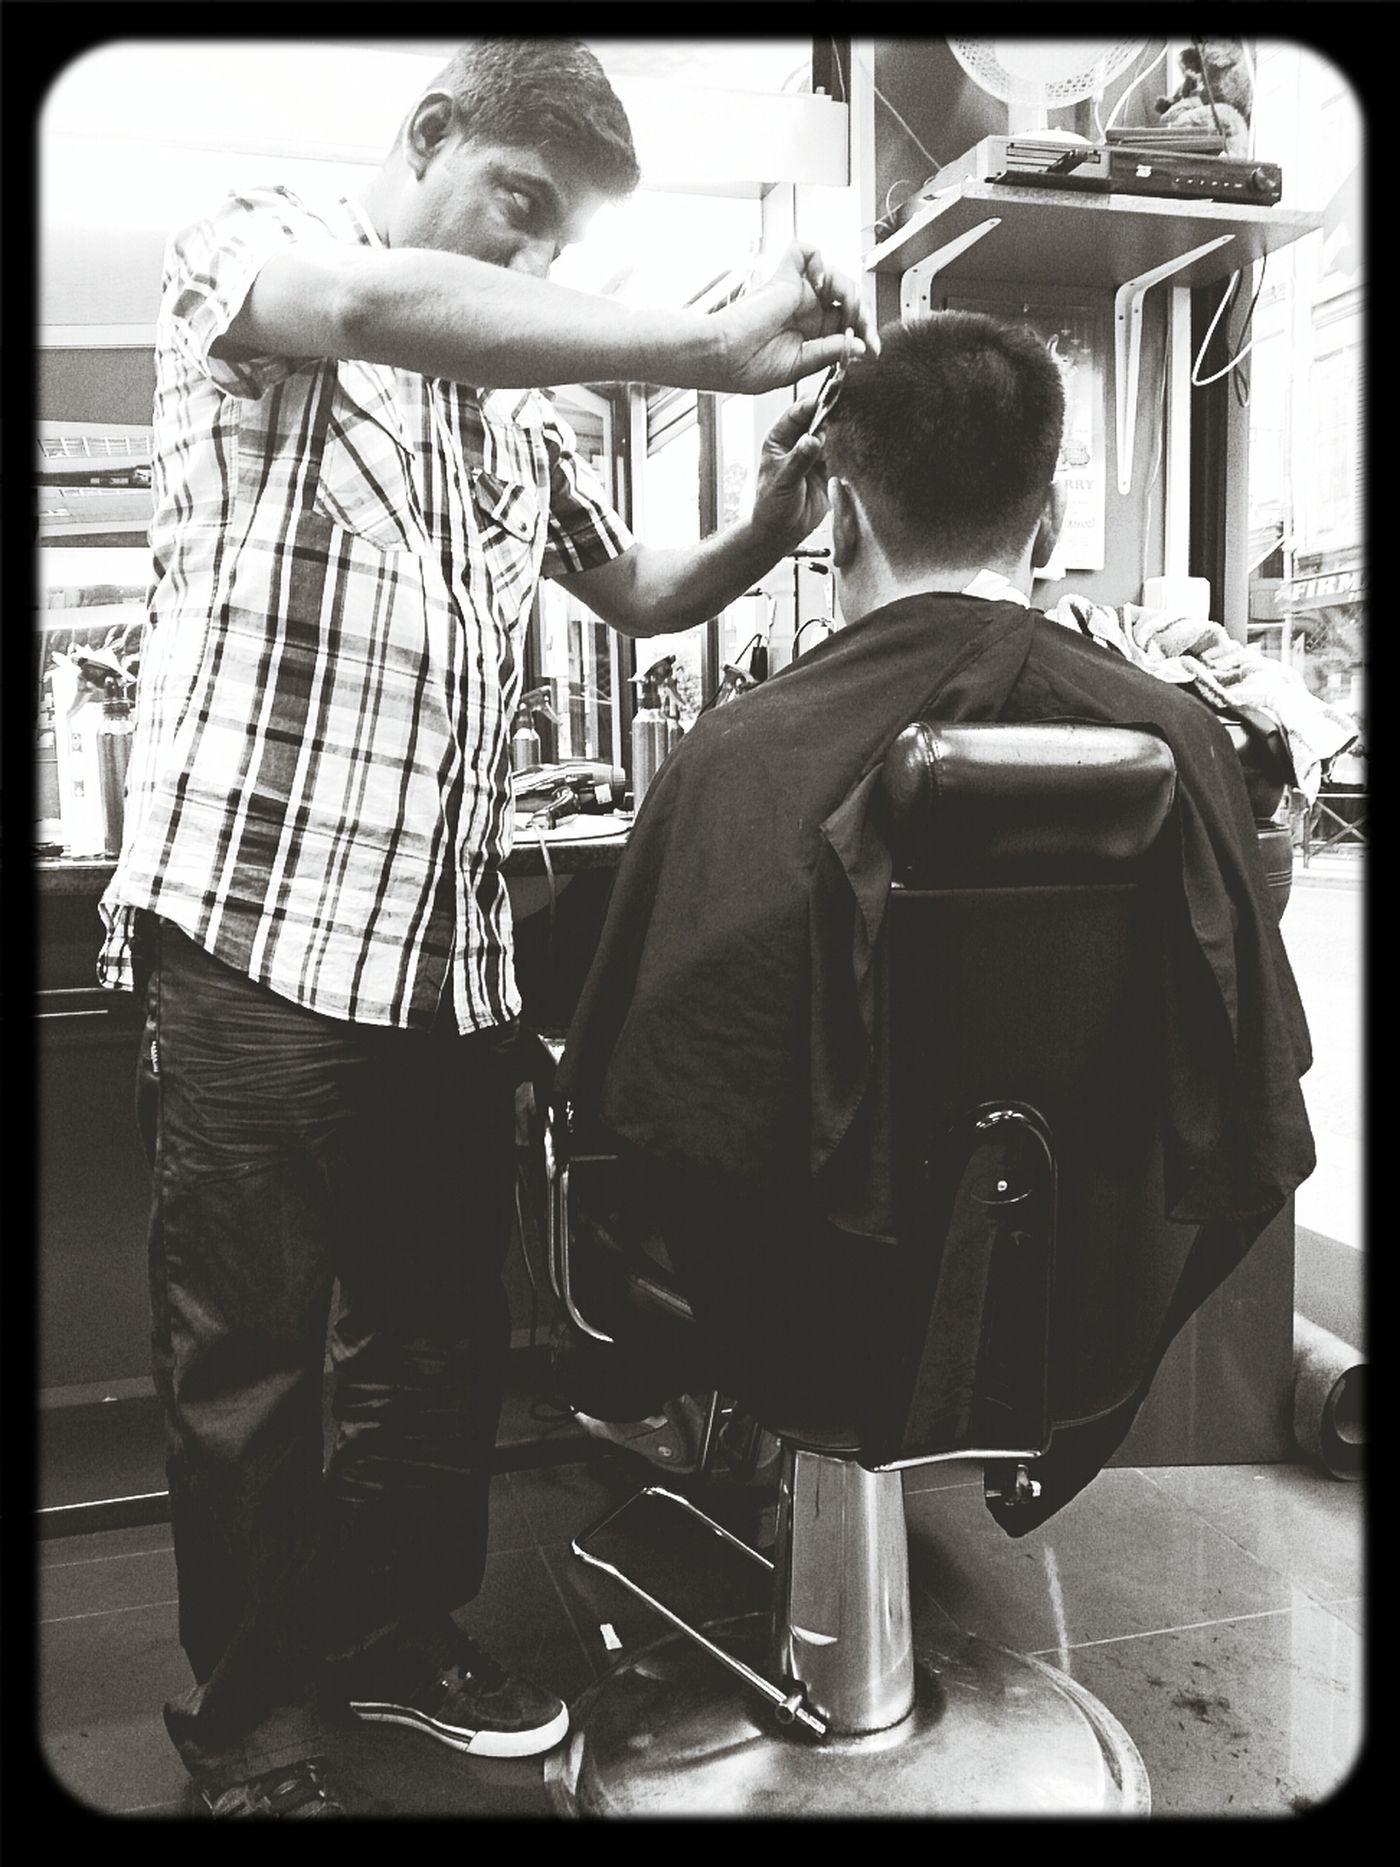 Capa Filter Barbershop